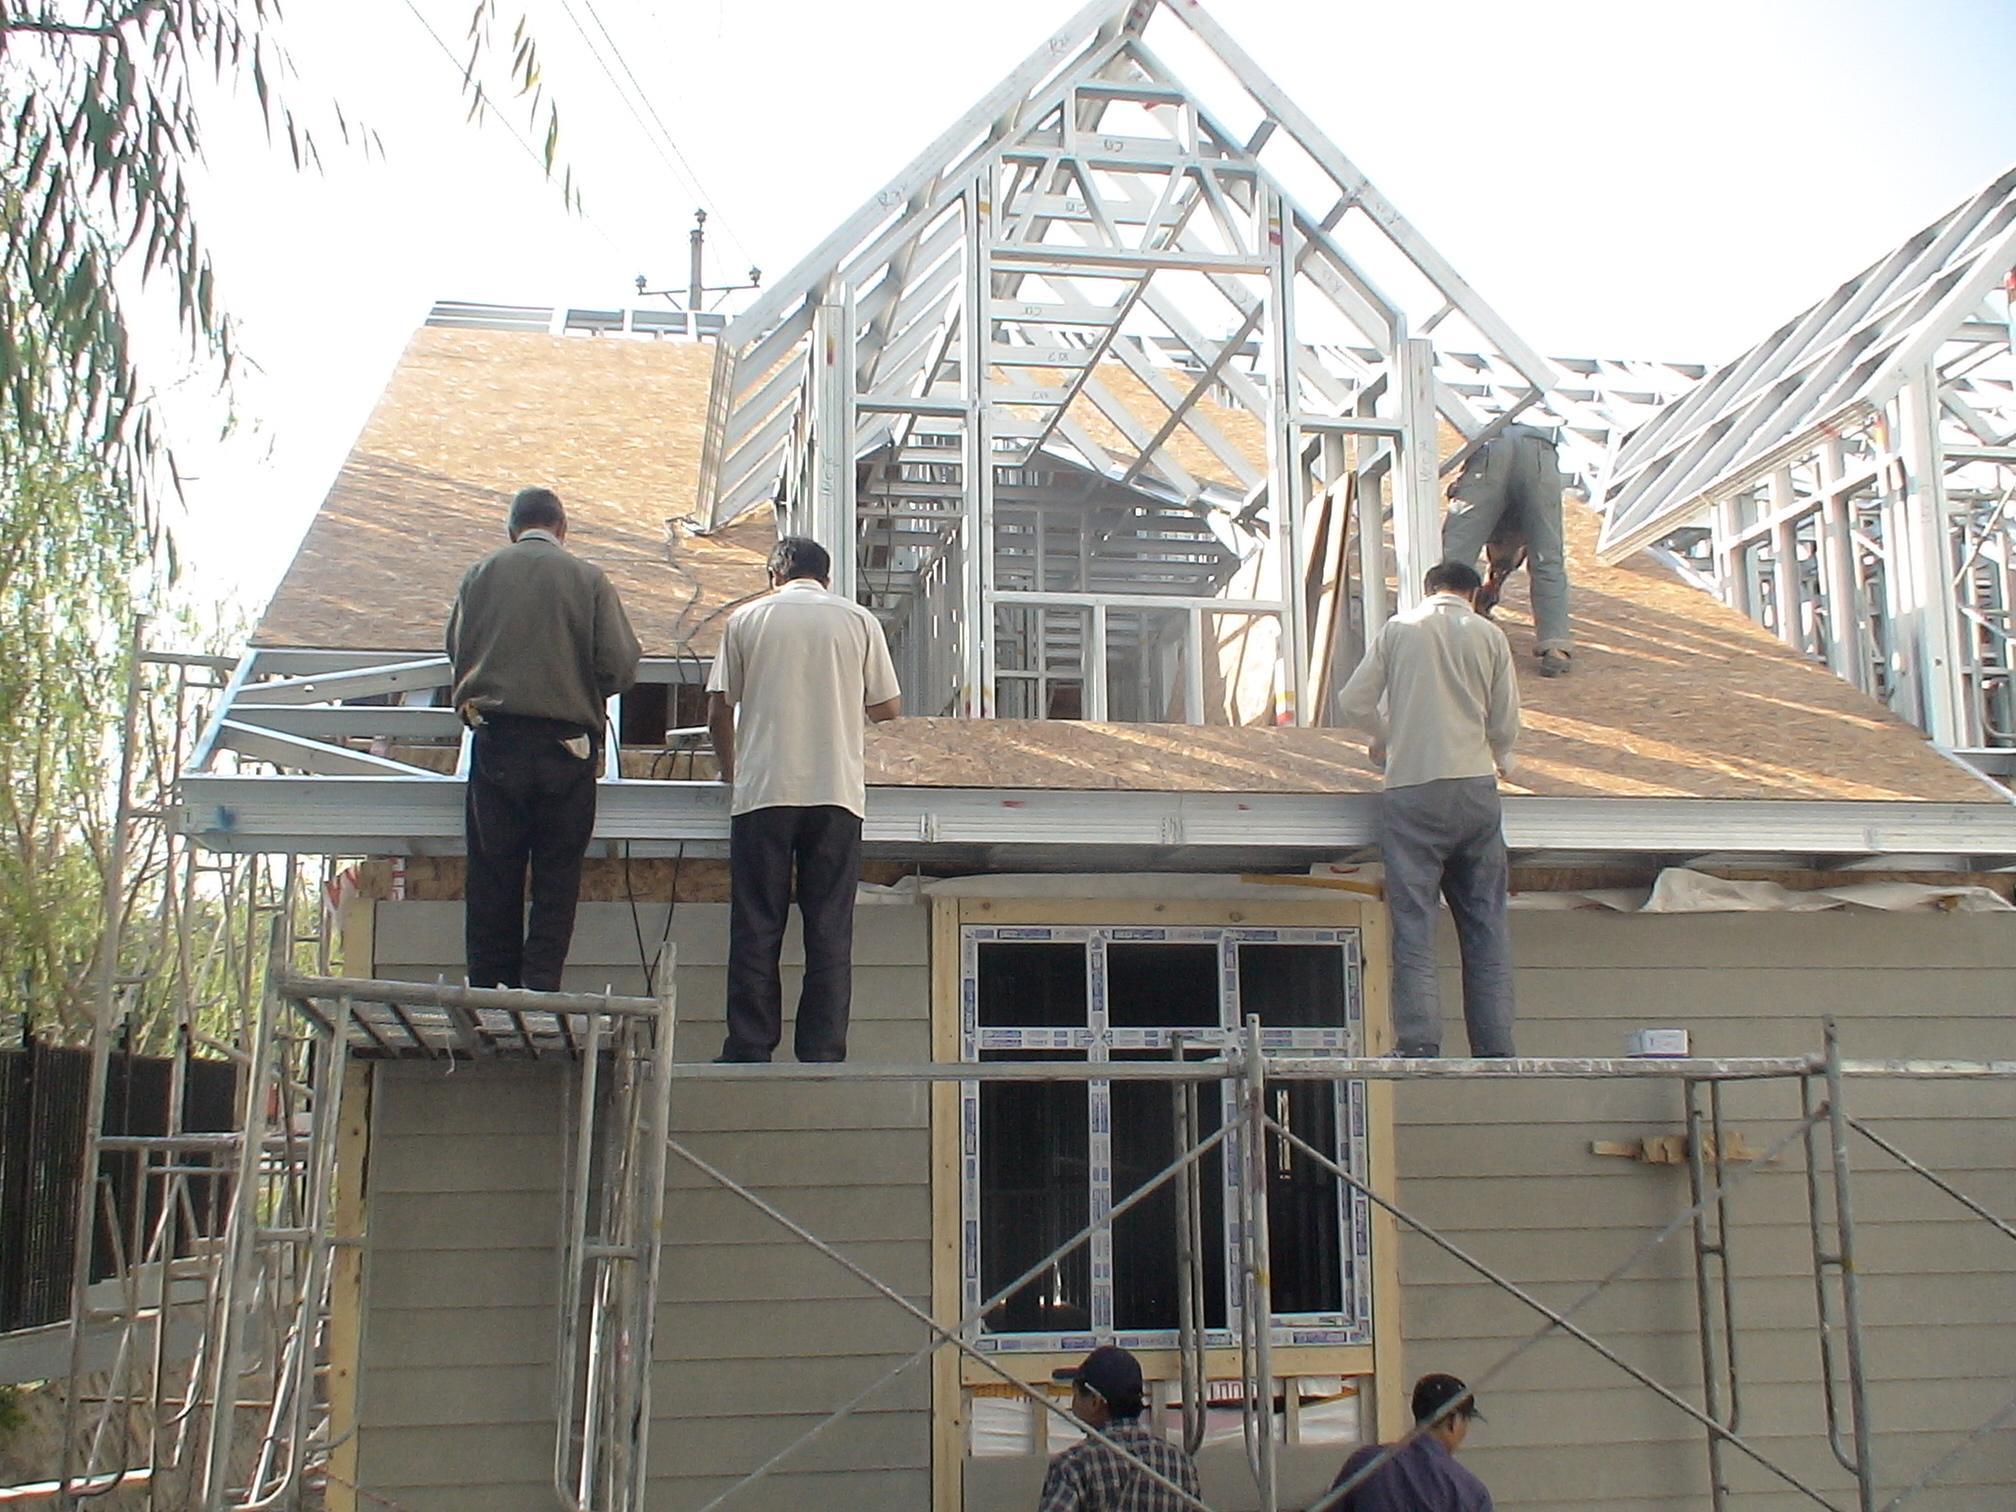 现在盖房子用轻钢,还是水泥好?